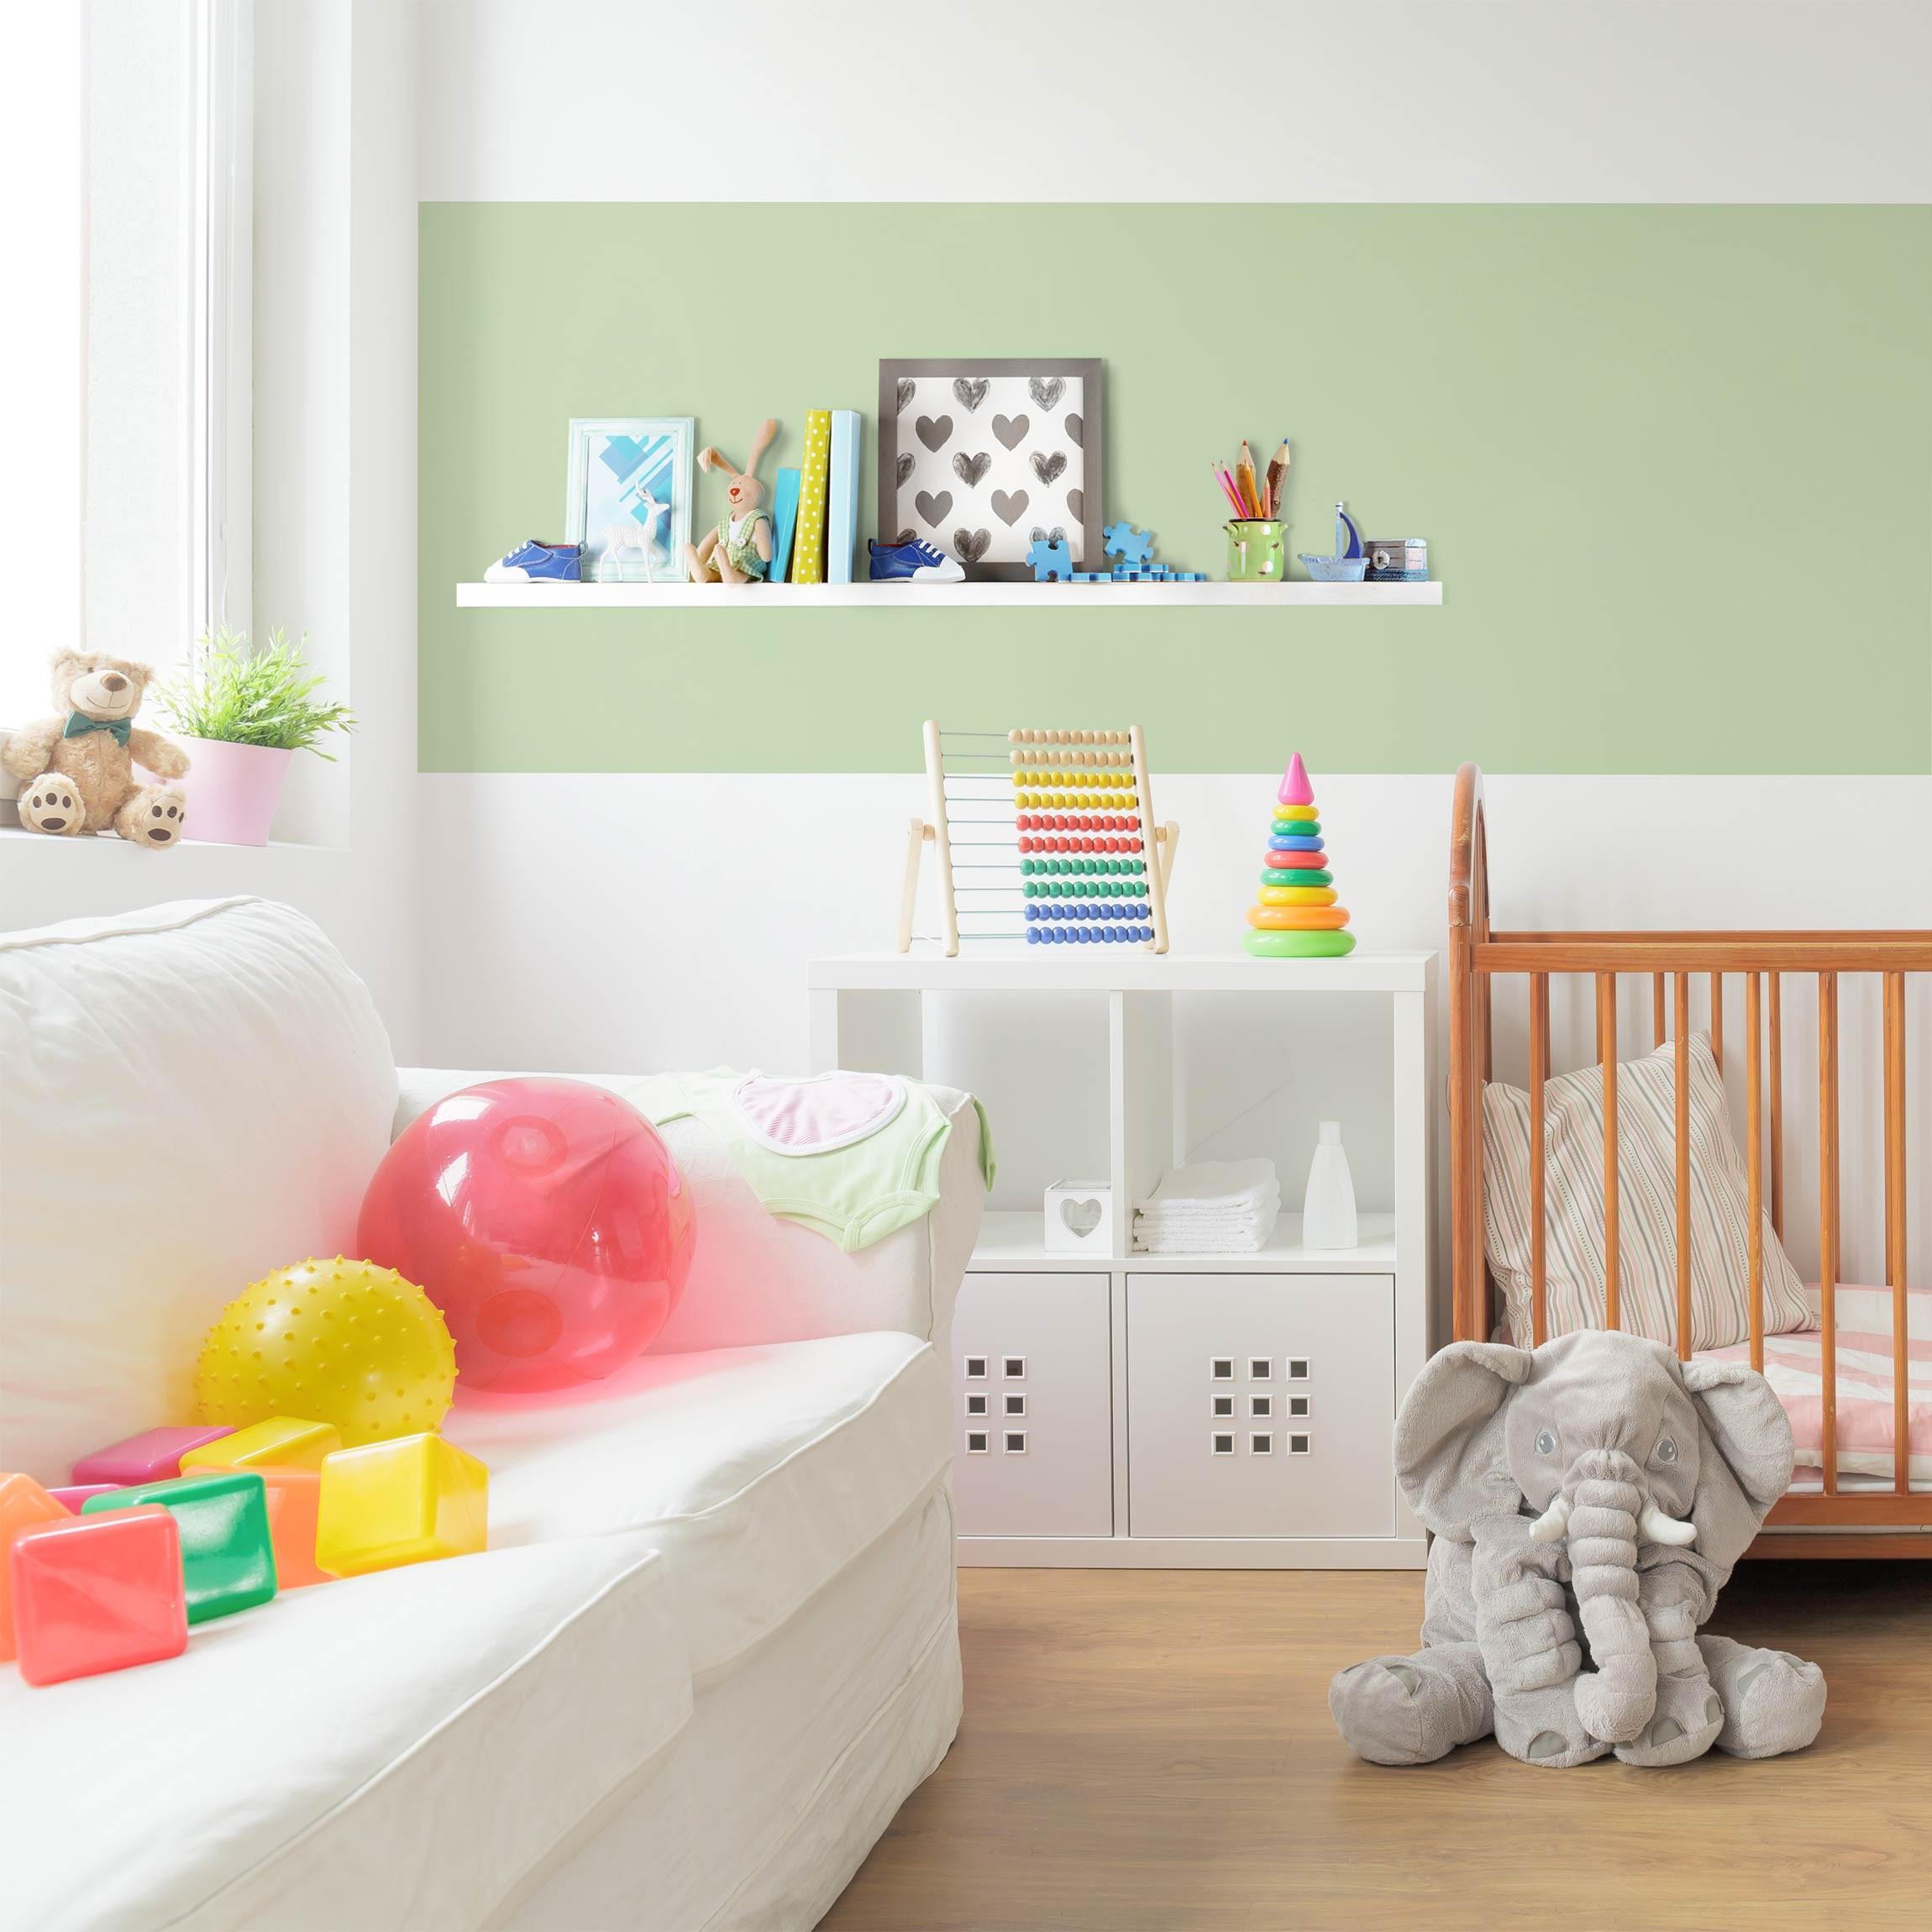 m belfolie mint einfarbig mintgr n klebefolie f r. Black Bedroom Furniture Sets. Home Design Ideas